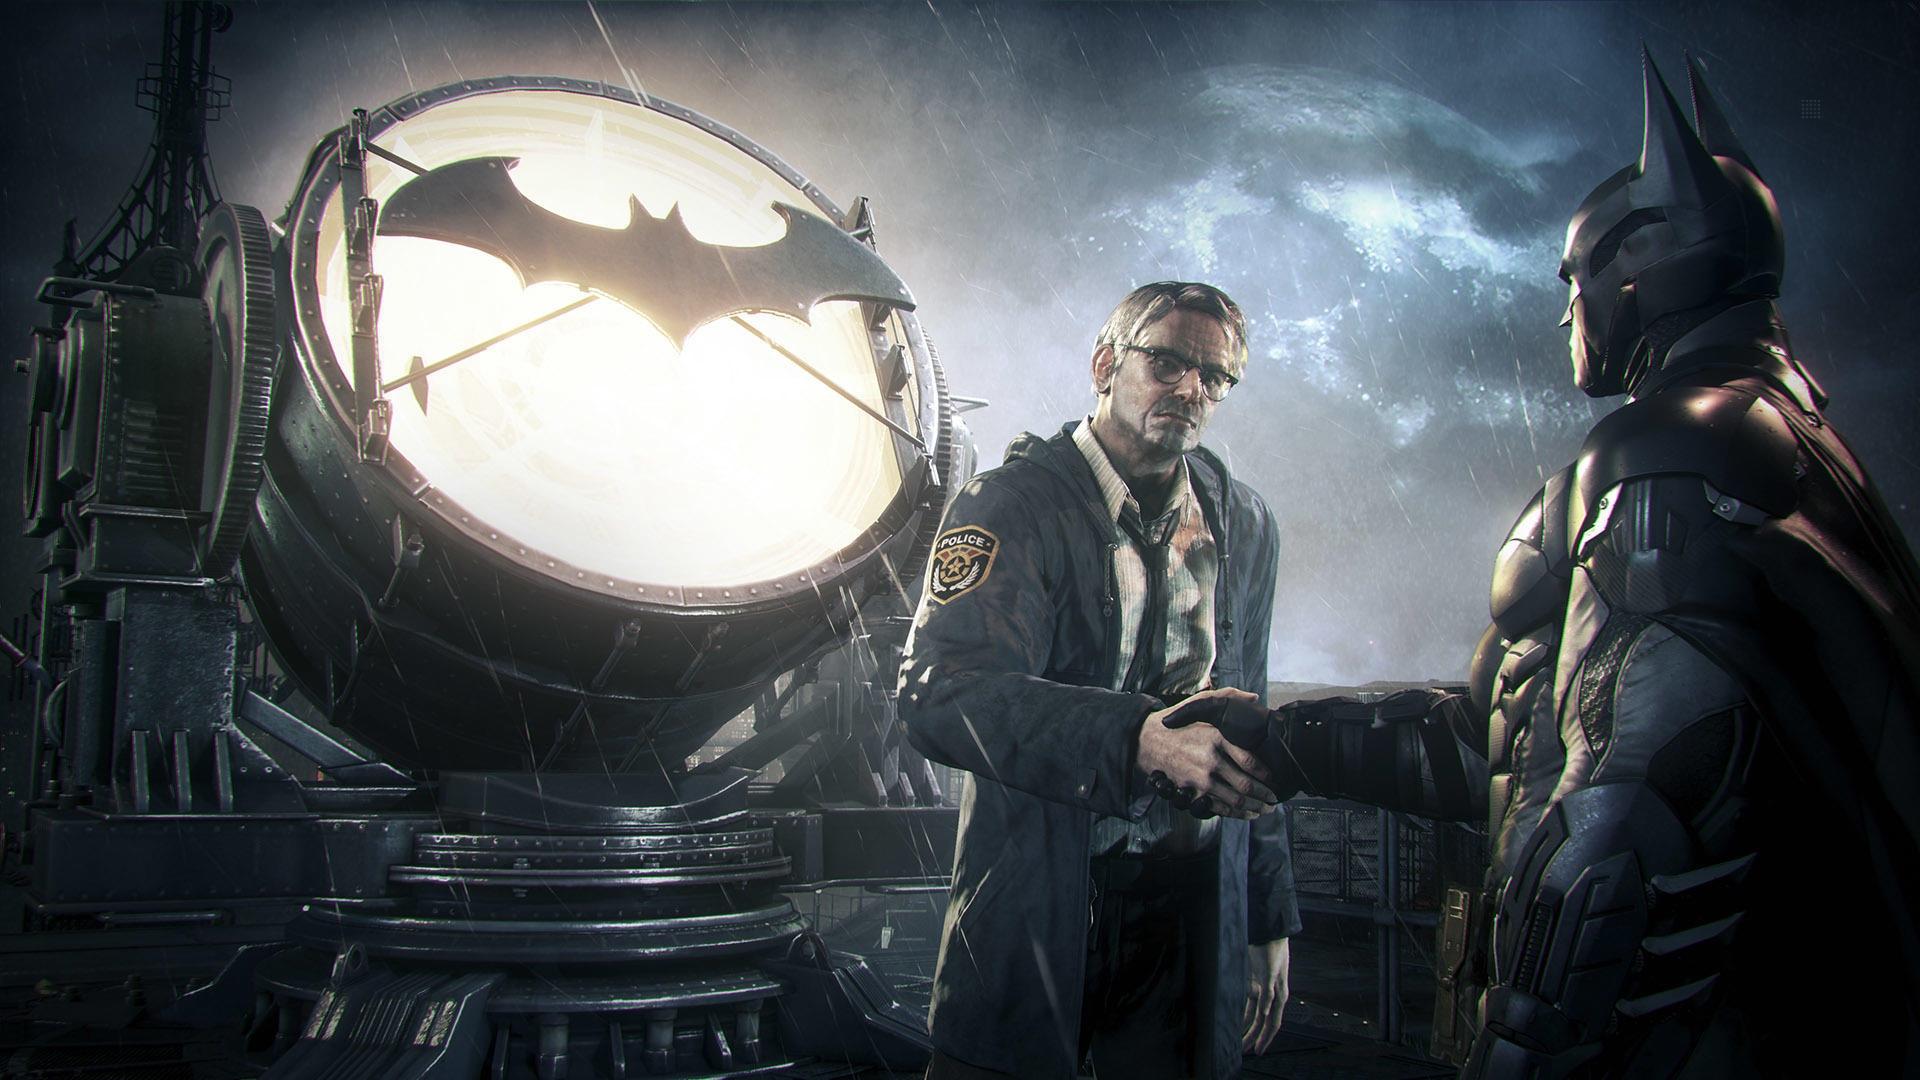 СМИ: в новом «Бэтмене» будет система Немезис из Middle-earth: Shadow of War